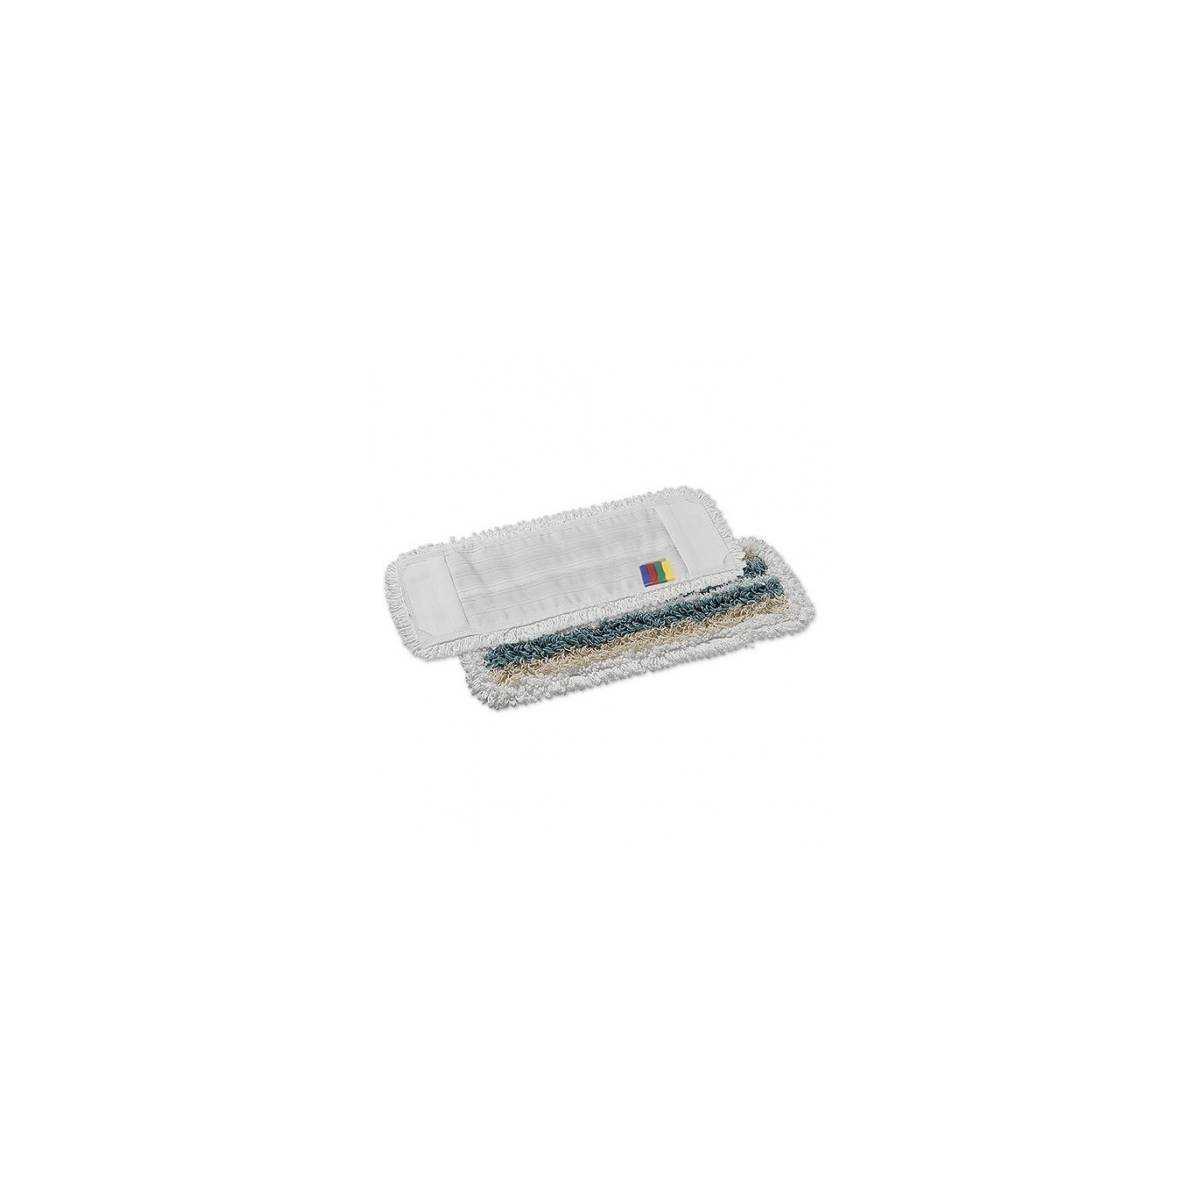 Моп Tris Blik микрофибра-полиэстр-хлопок с карманами 40см 00000475 TTS